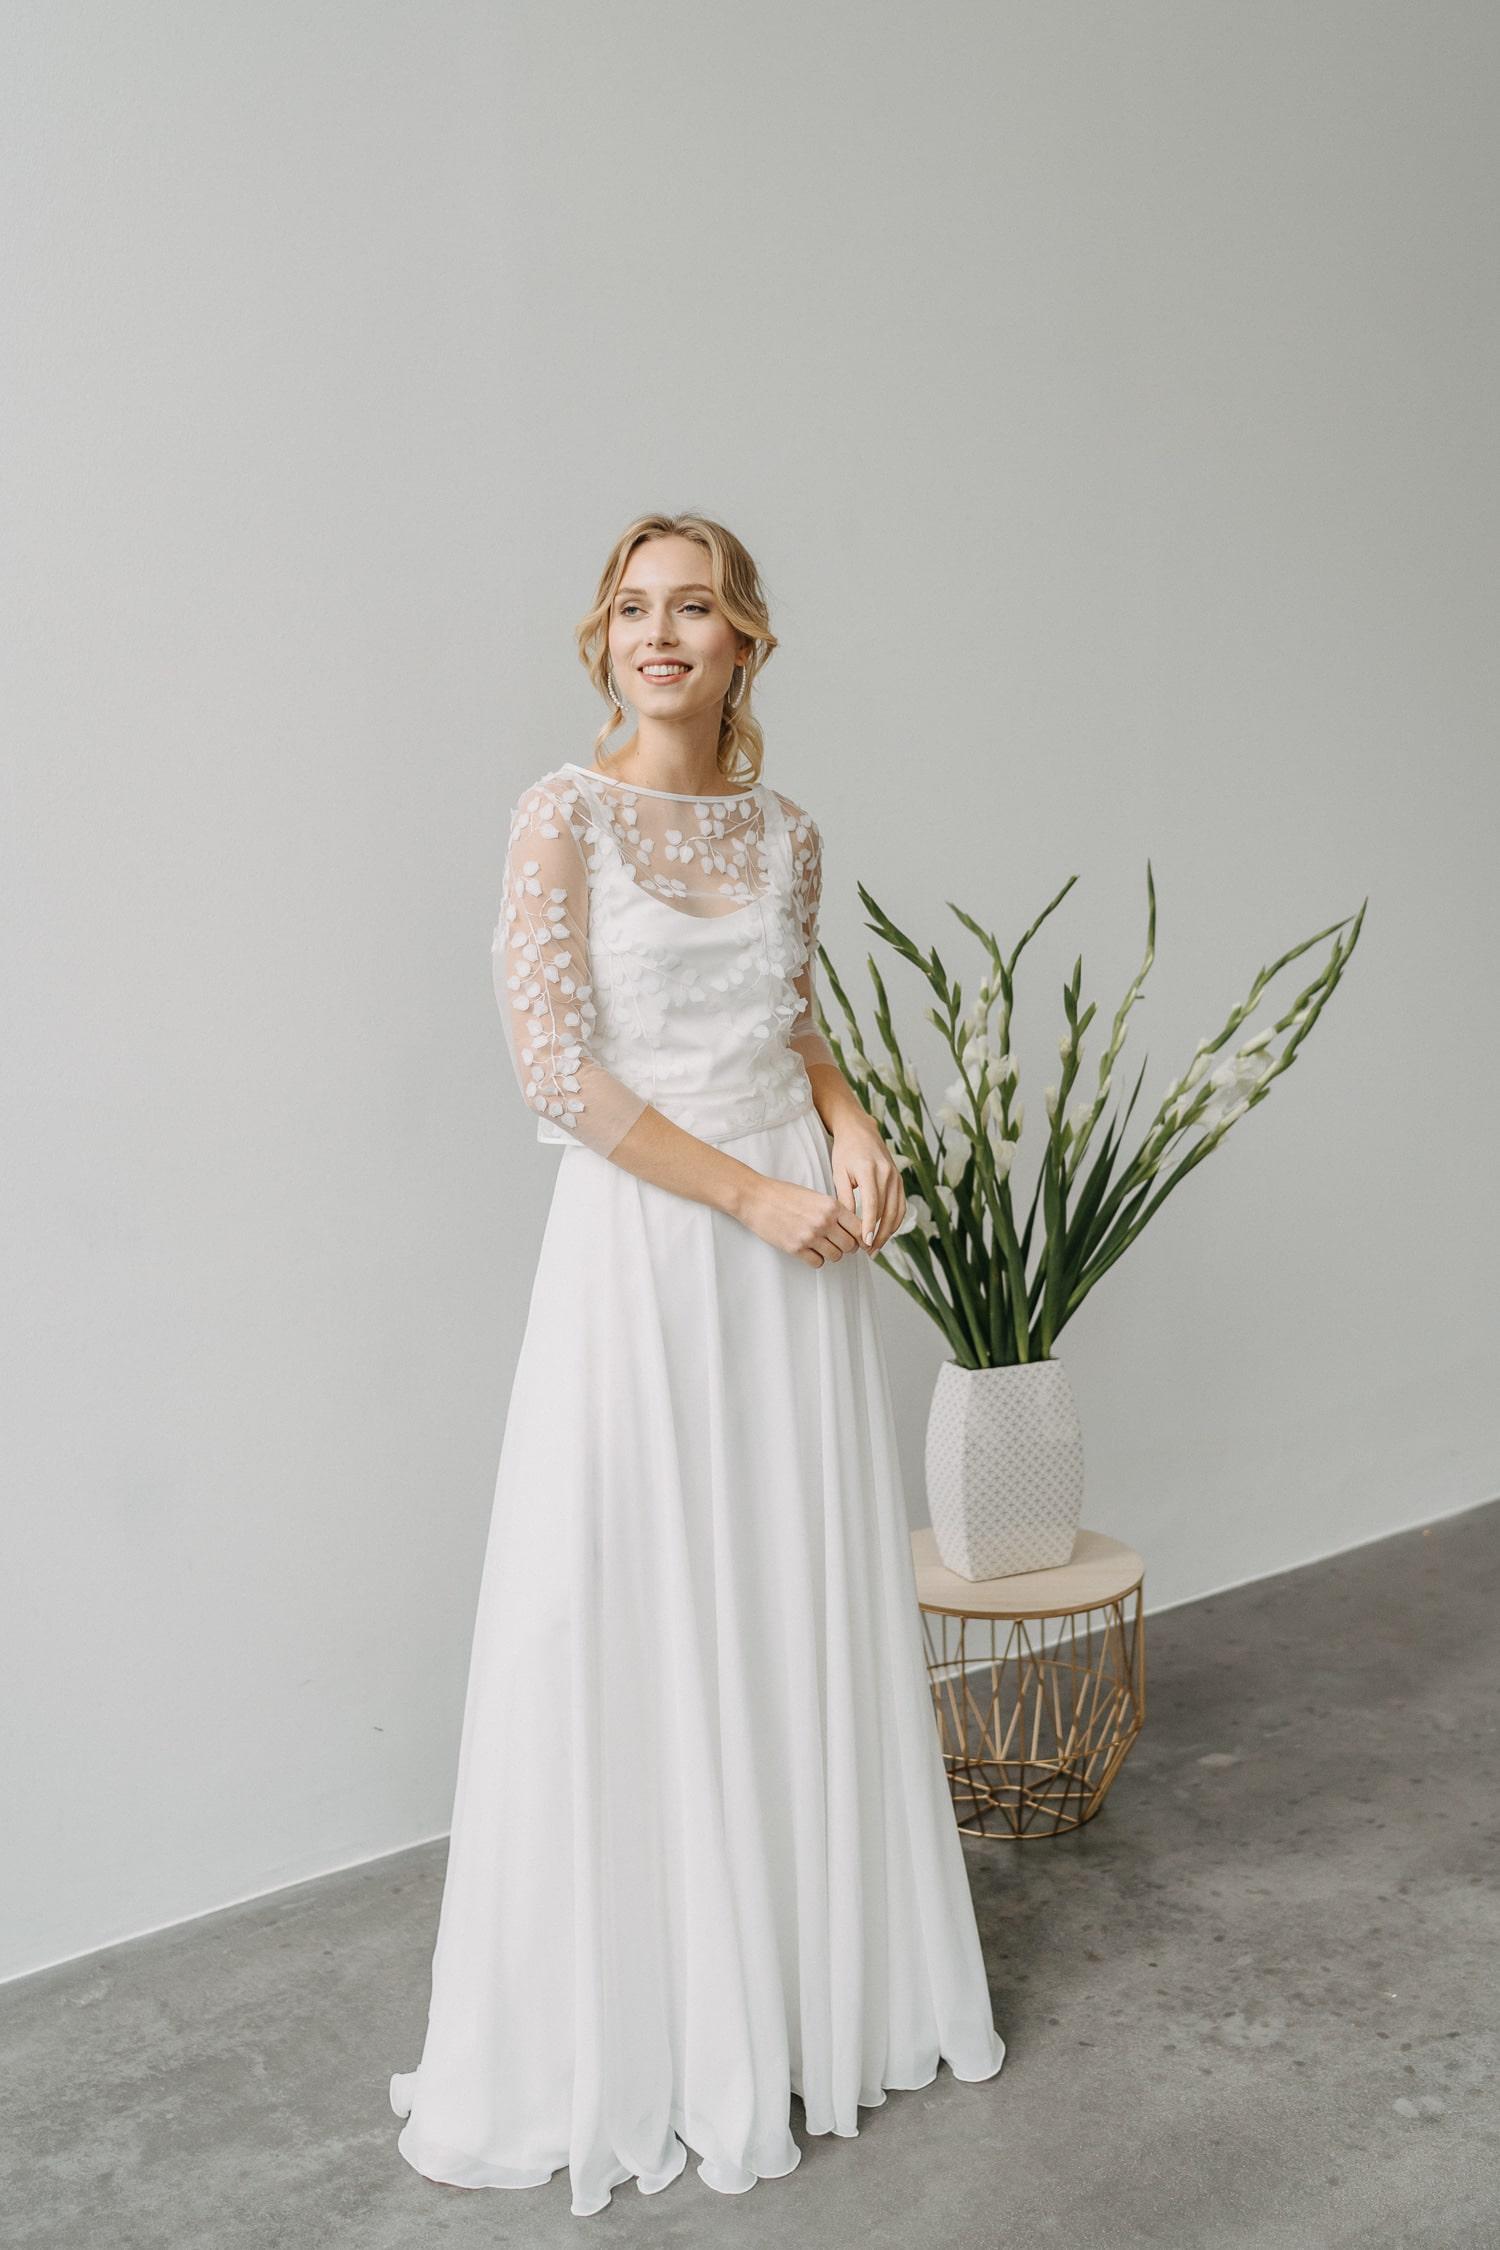 Langes Hochzeitskleid aus Köln – gesehen bei frauimmer-herrewig.de